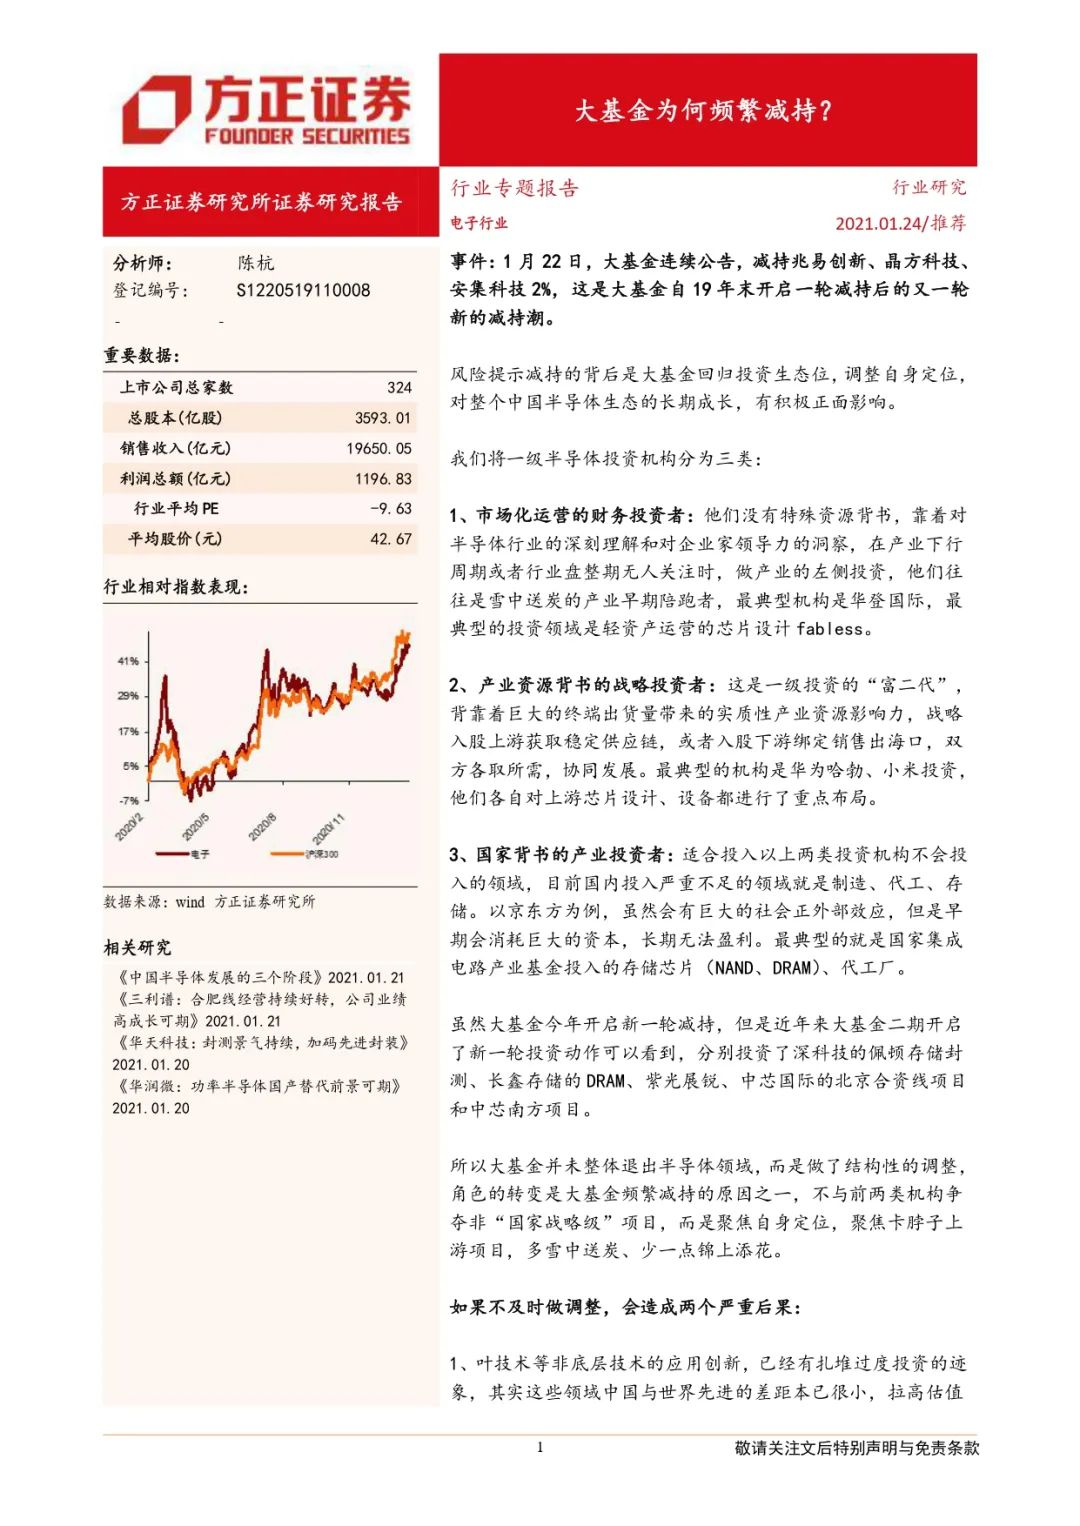 方正证券陈杭:集成电路大基金为何频繁减持?